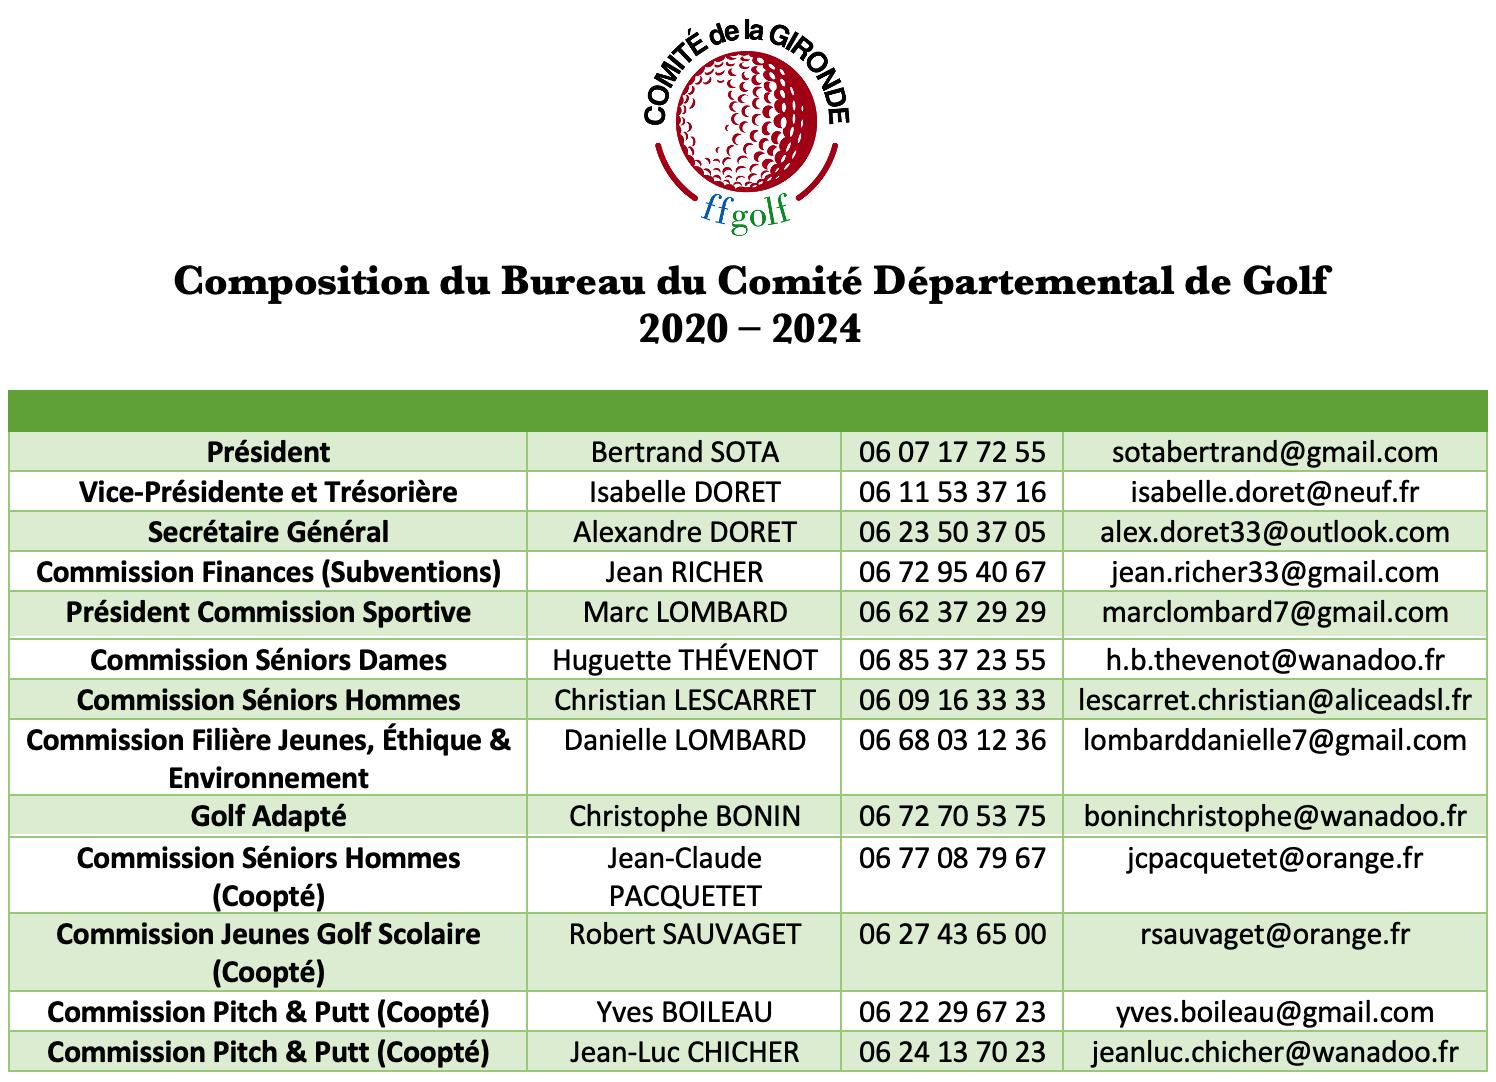 Bureau Comité Départemental de Golf 2020 - 2024